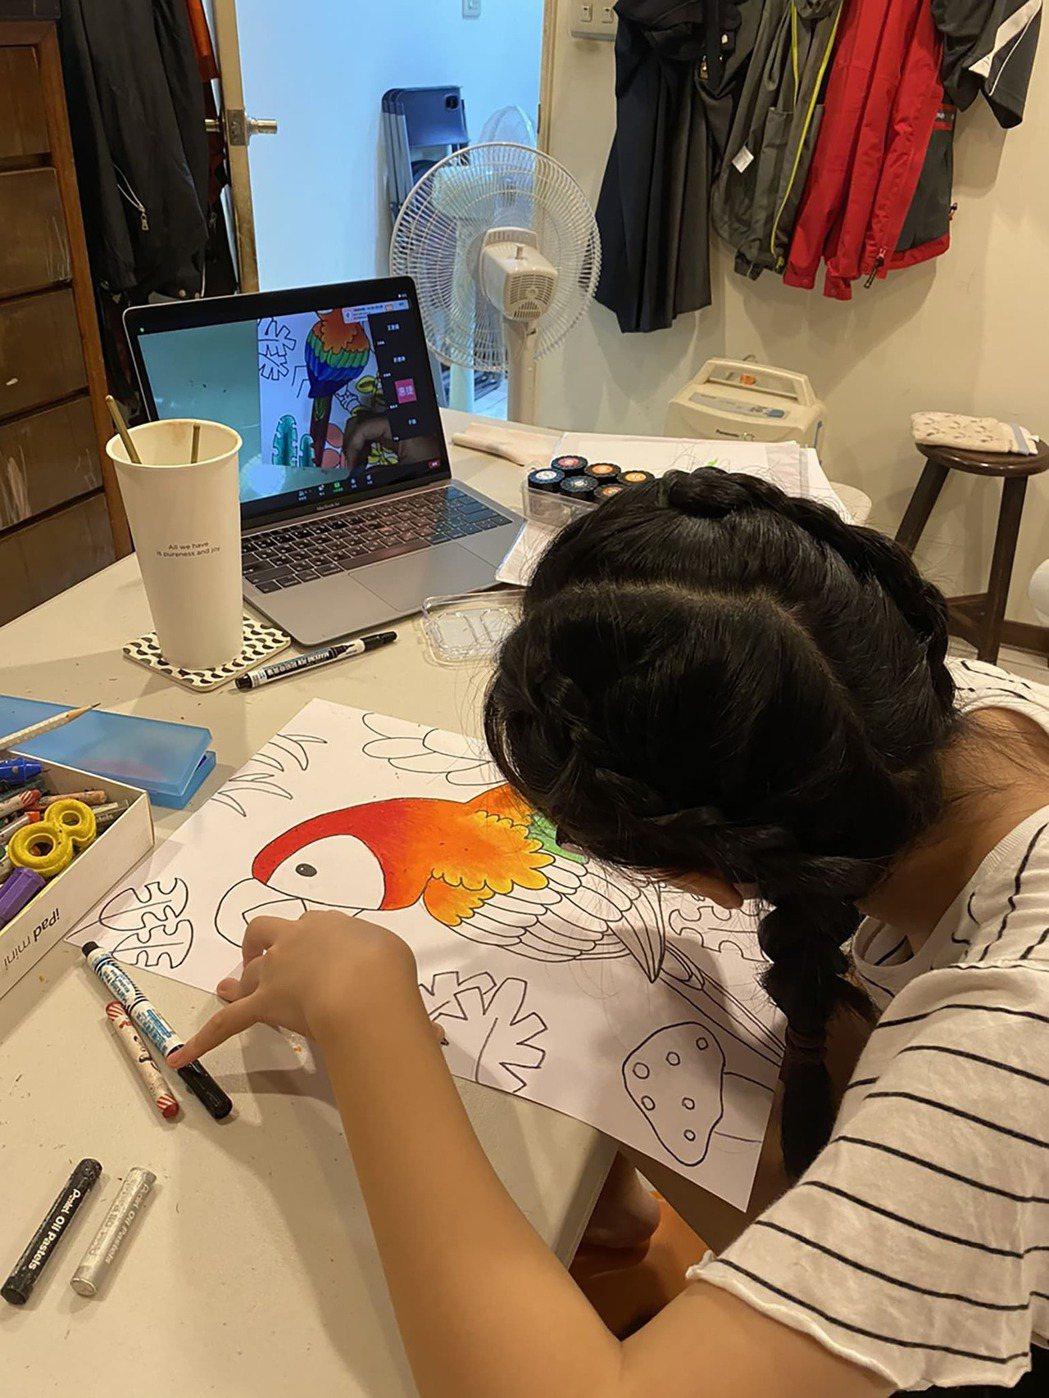 中華開發文教基金會延續人才培育計畫,推出線上親子美術課程,員工子女在家即可跟著老...